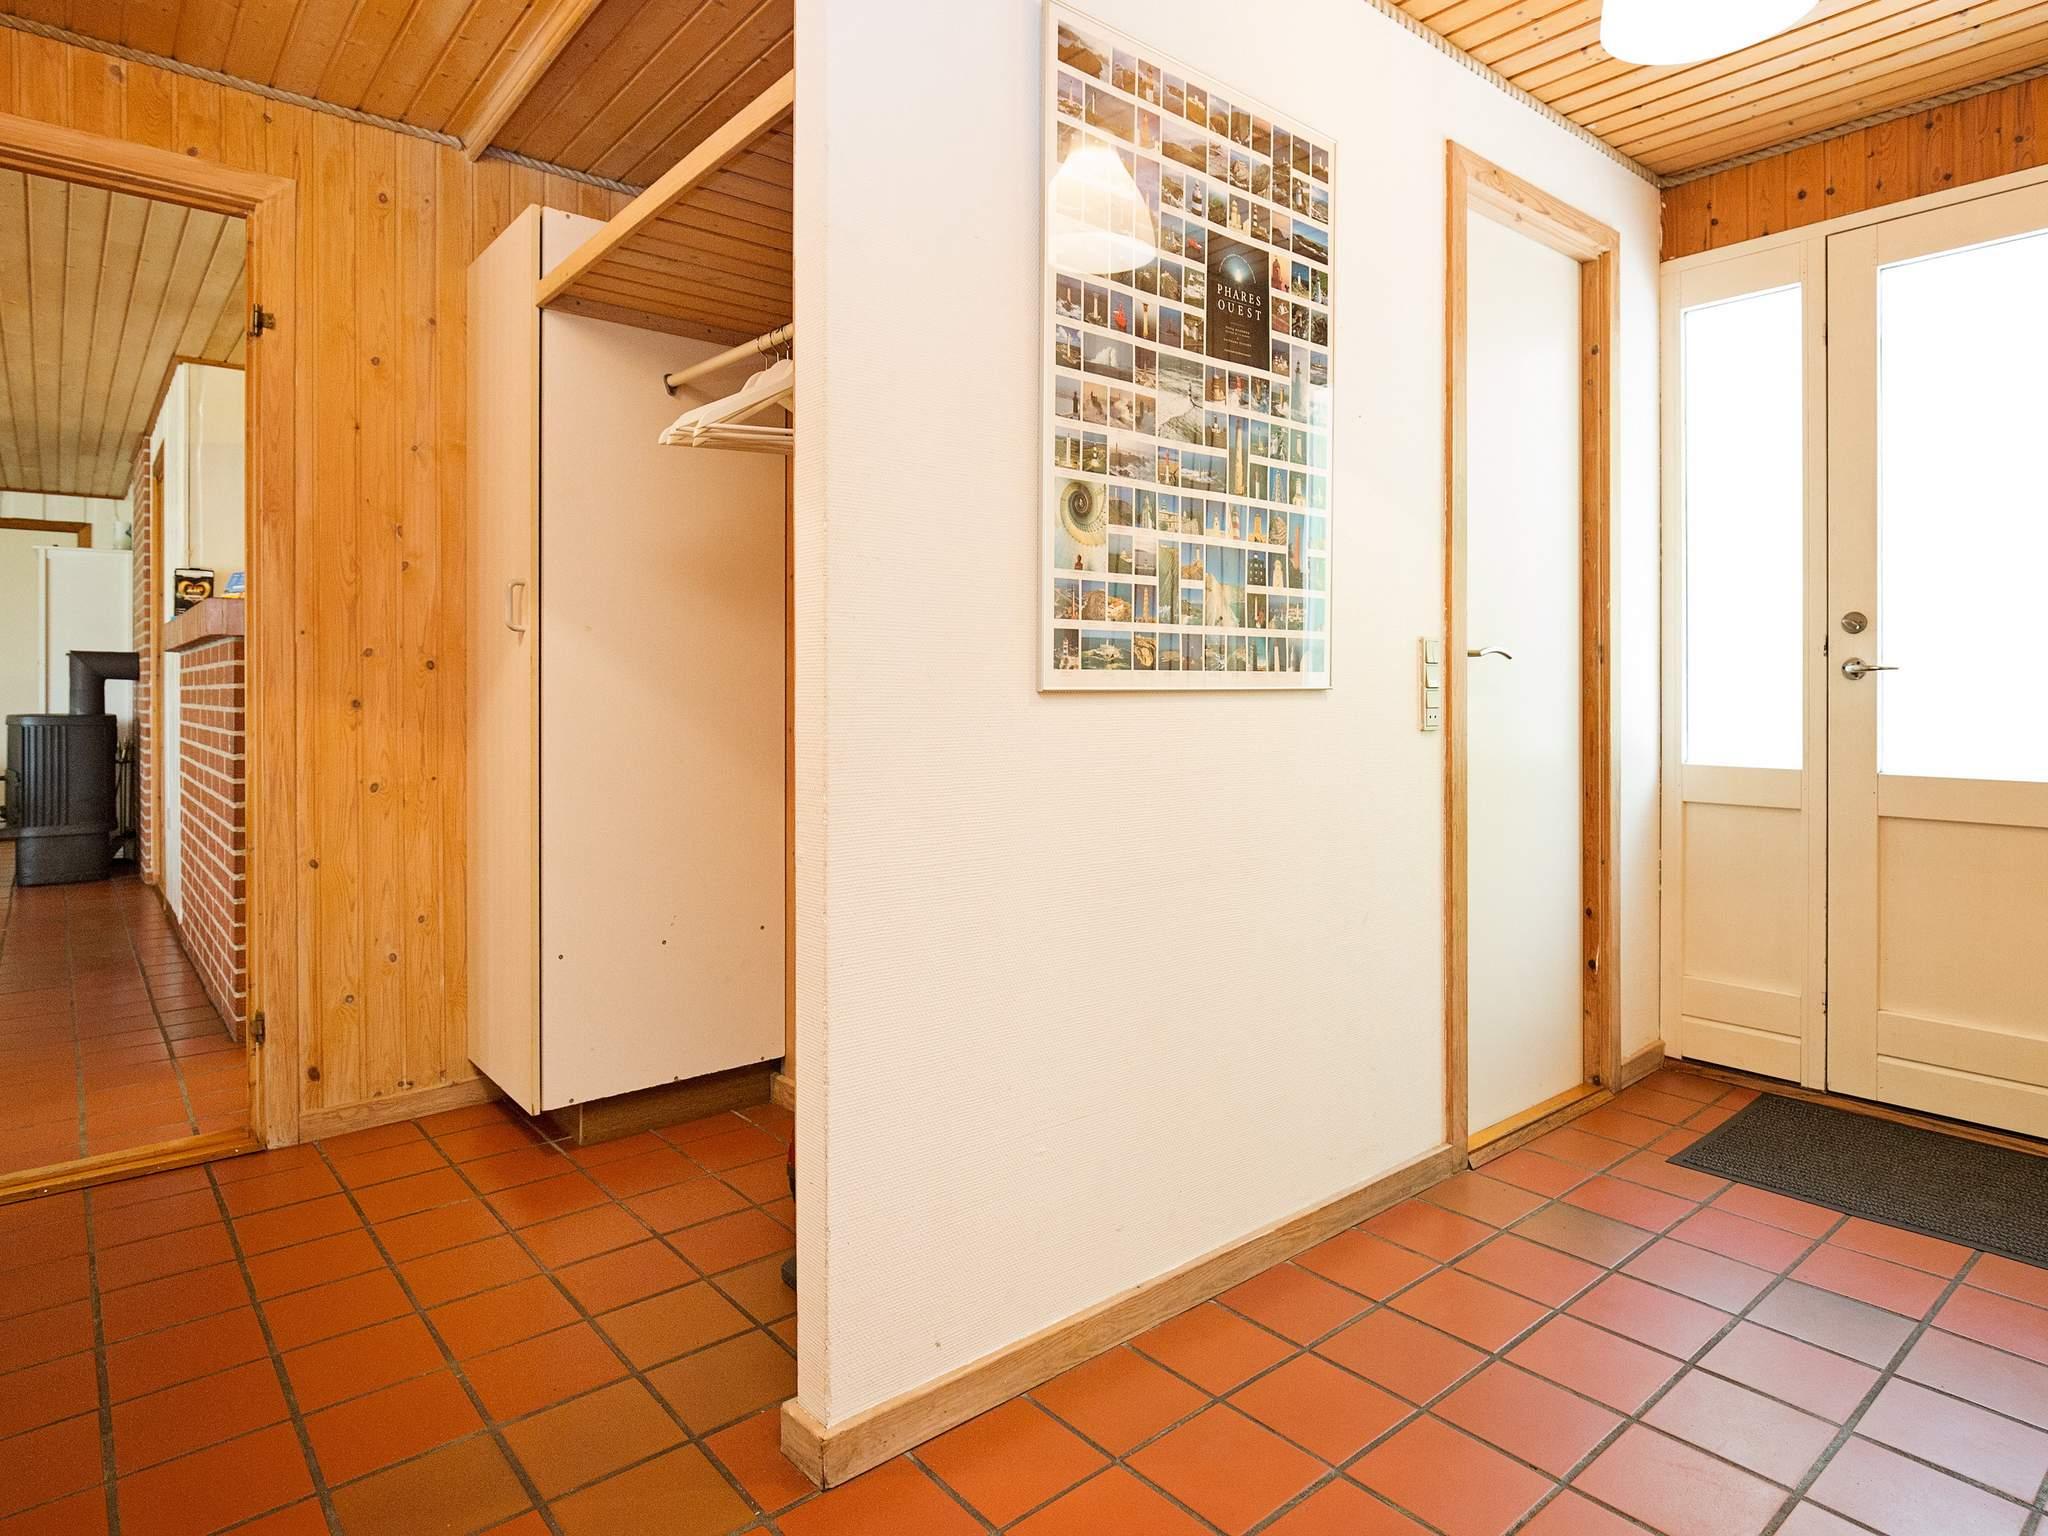 Ferienhaus Kramnitze (87285), Kramnitse, , Lolland, Dänemark, Bild 13